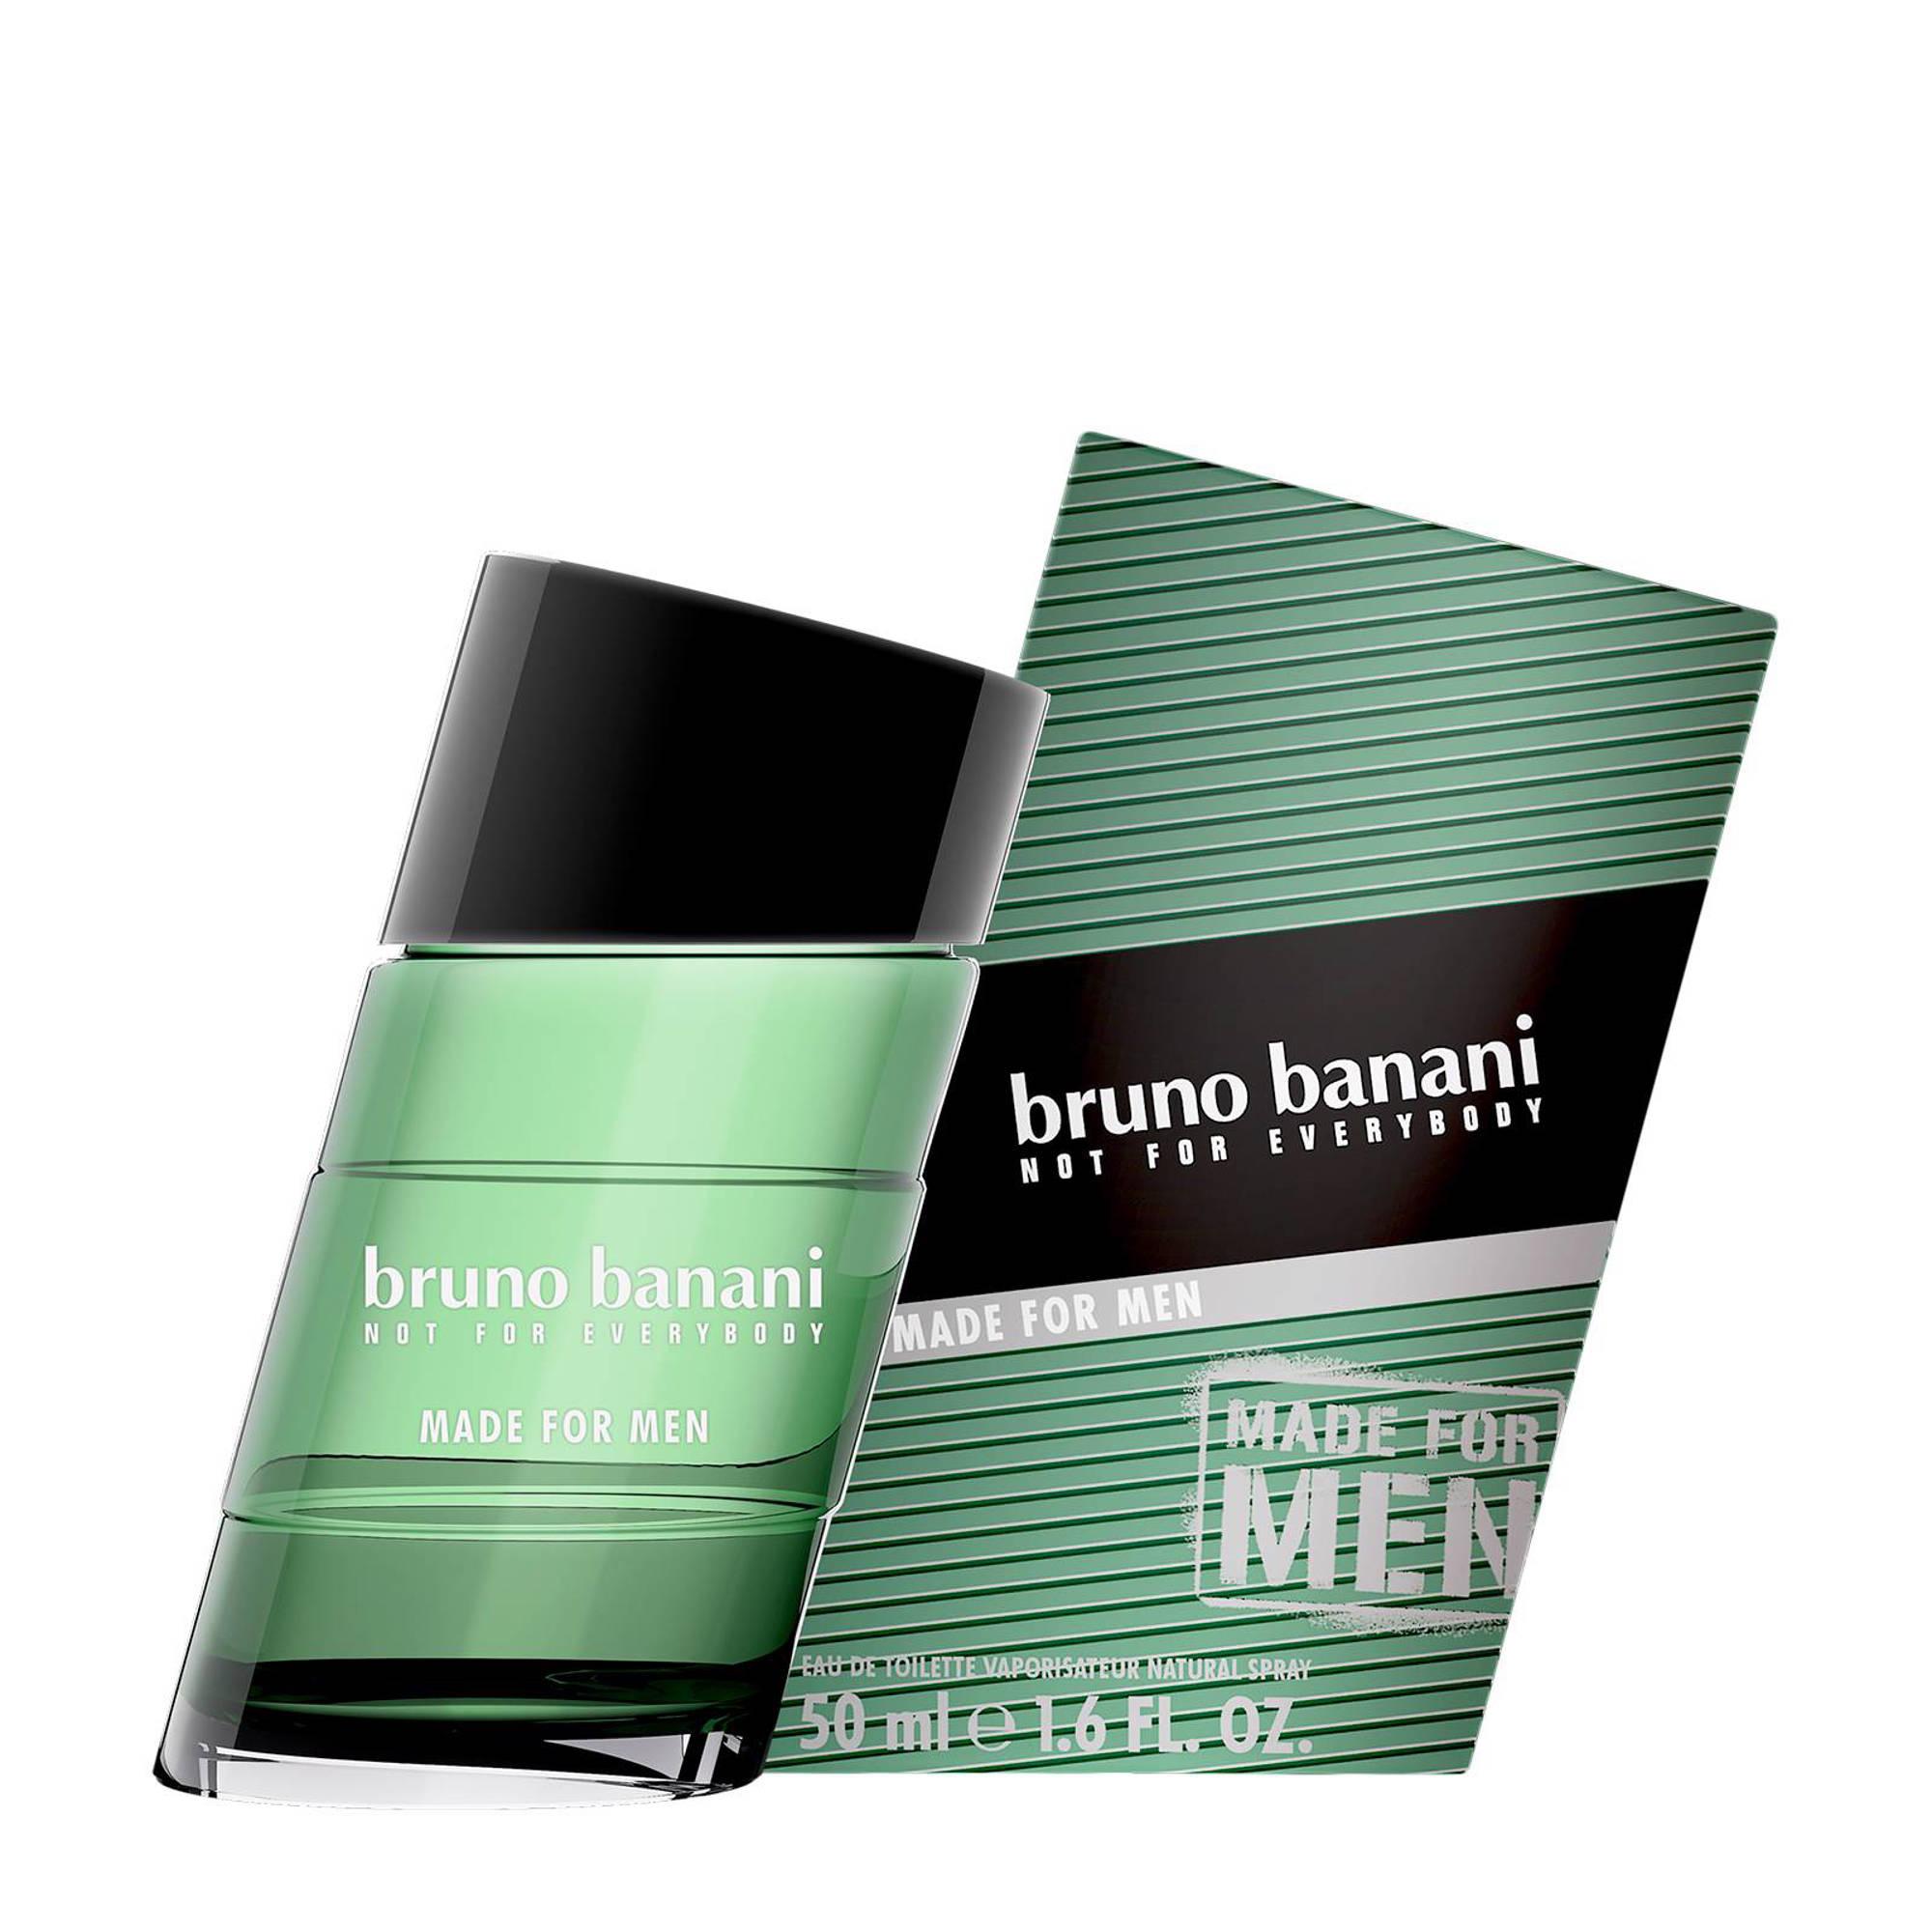 Bruno Banani Made for Men eau de toilette - 50 ml voor €7,99 @ Wehkamp